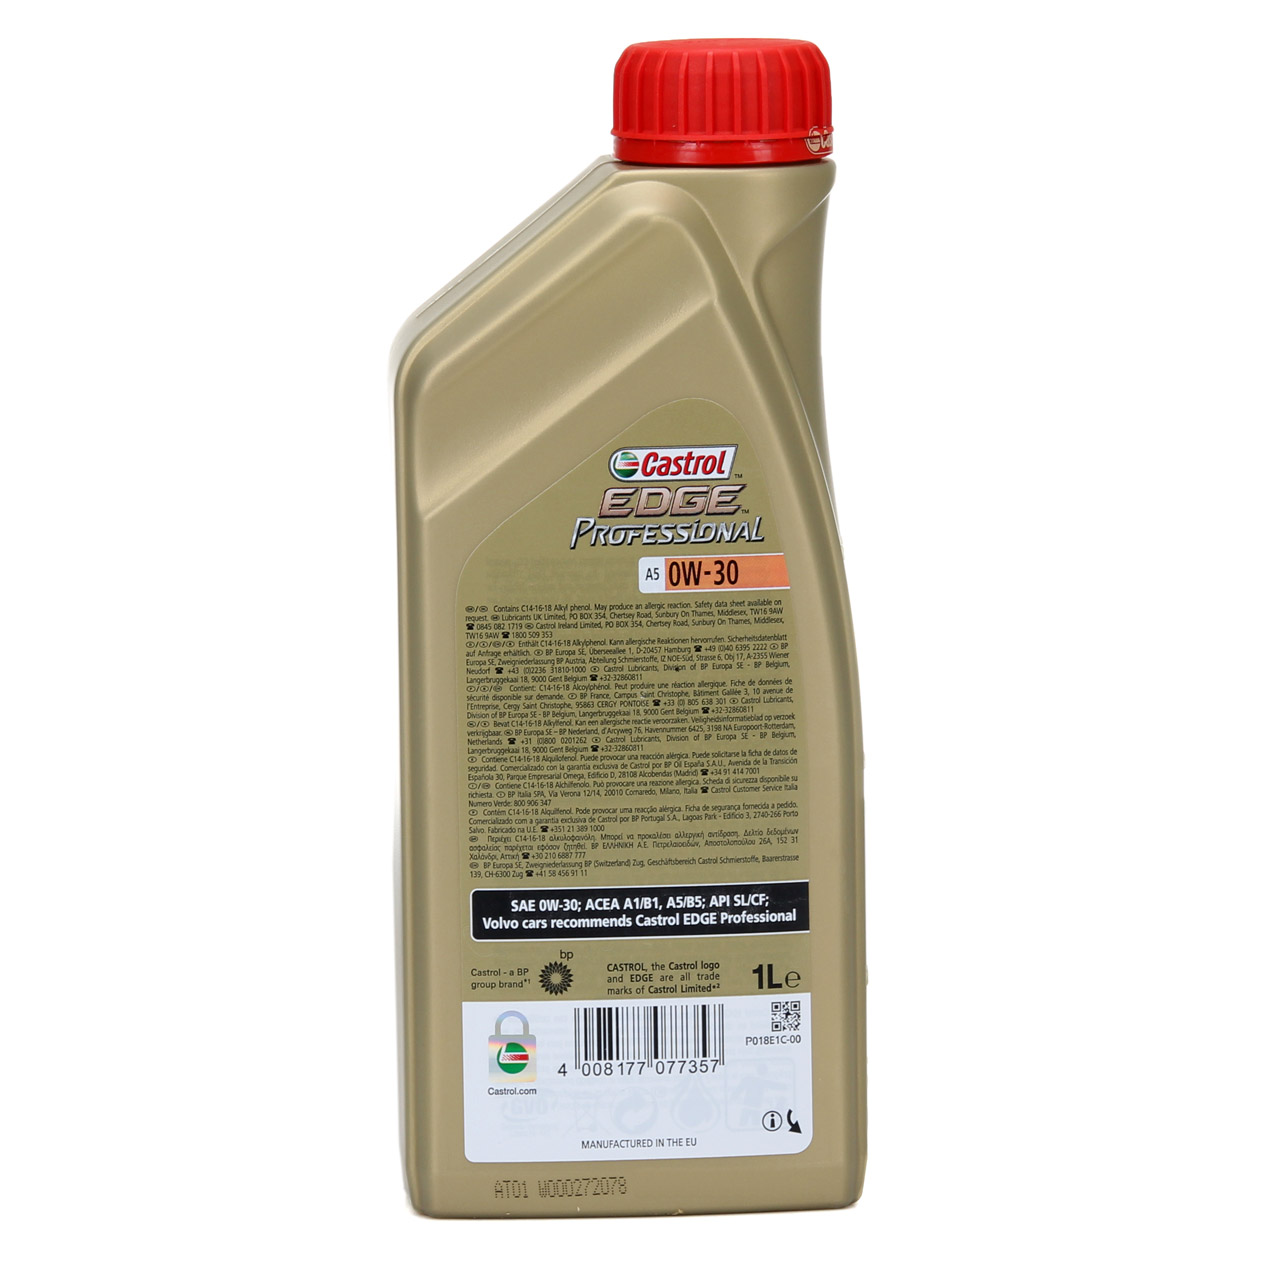 CASTROL EDGE Professional Motoröl Öl TITANIUM FST A5 0W-30 0W30 VOLVO 10 Liter